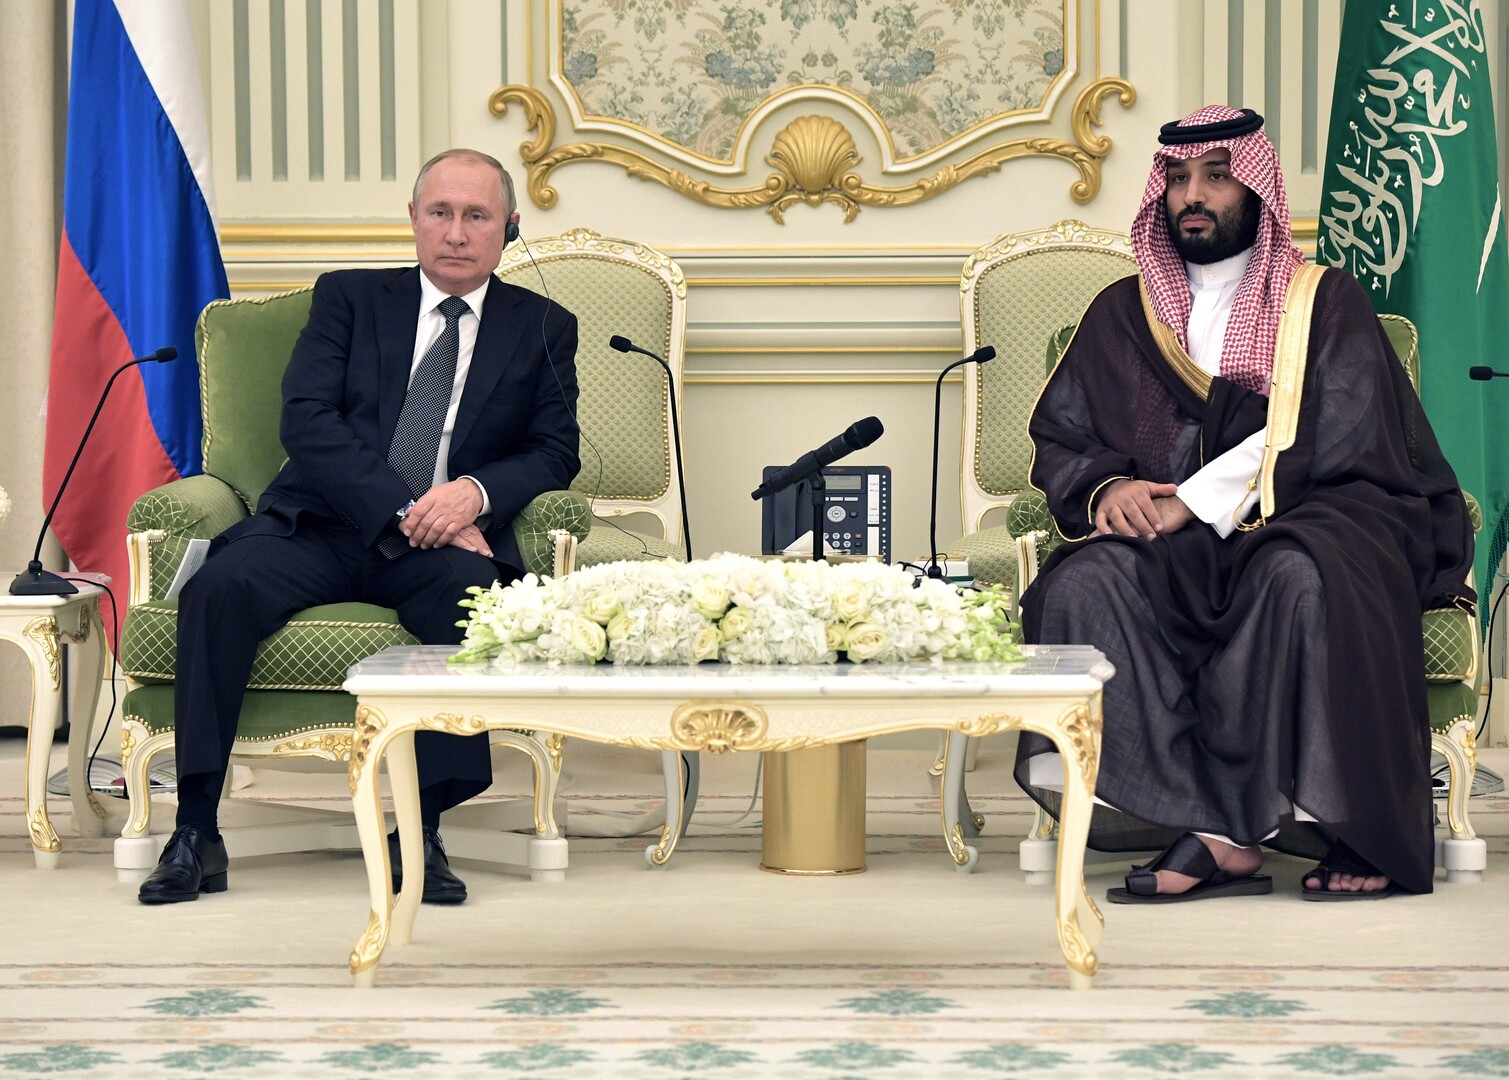 بوتين: السعودية شريك اقتصادي رئيسي لروسيا